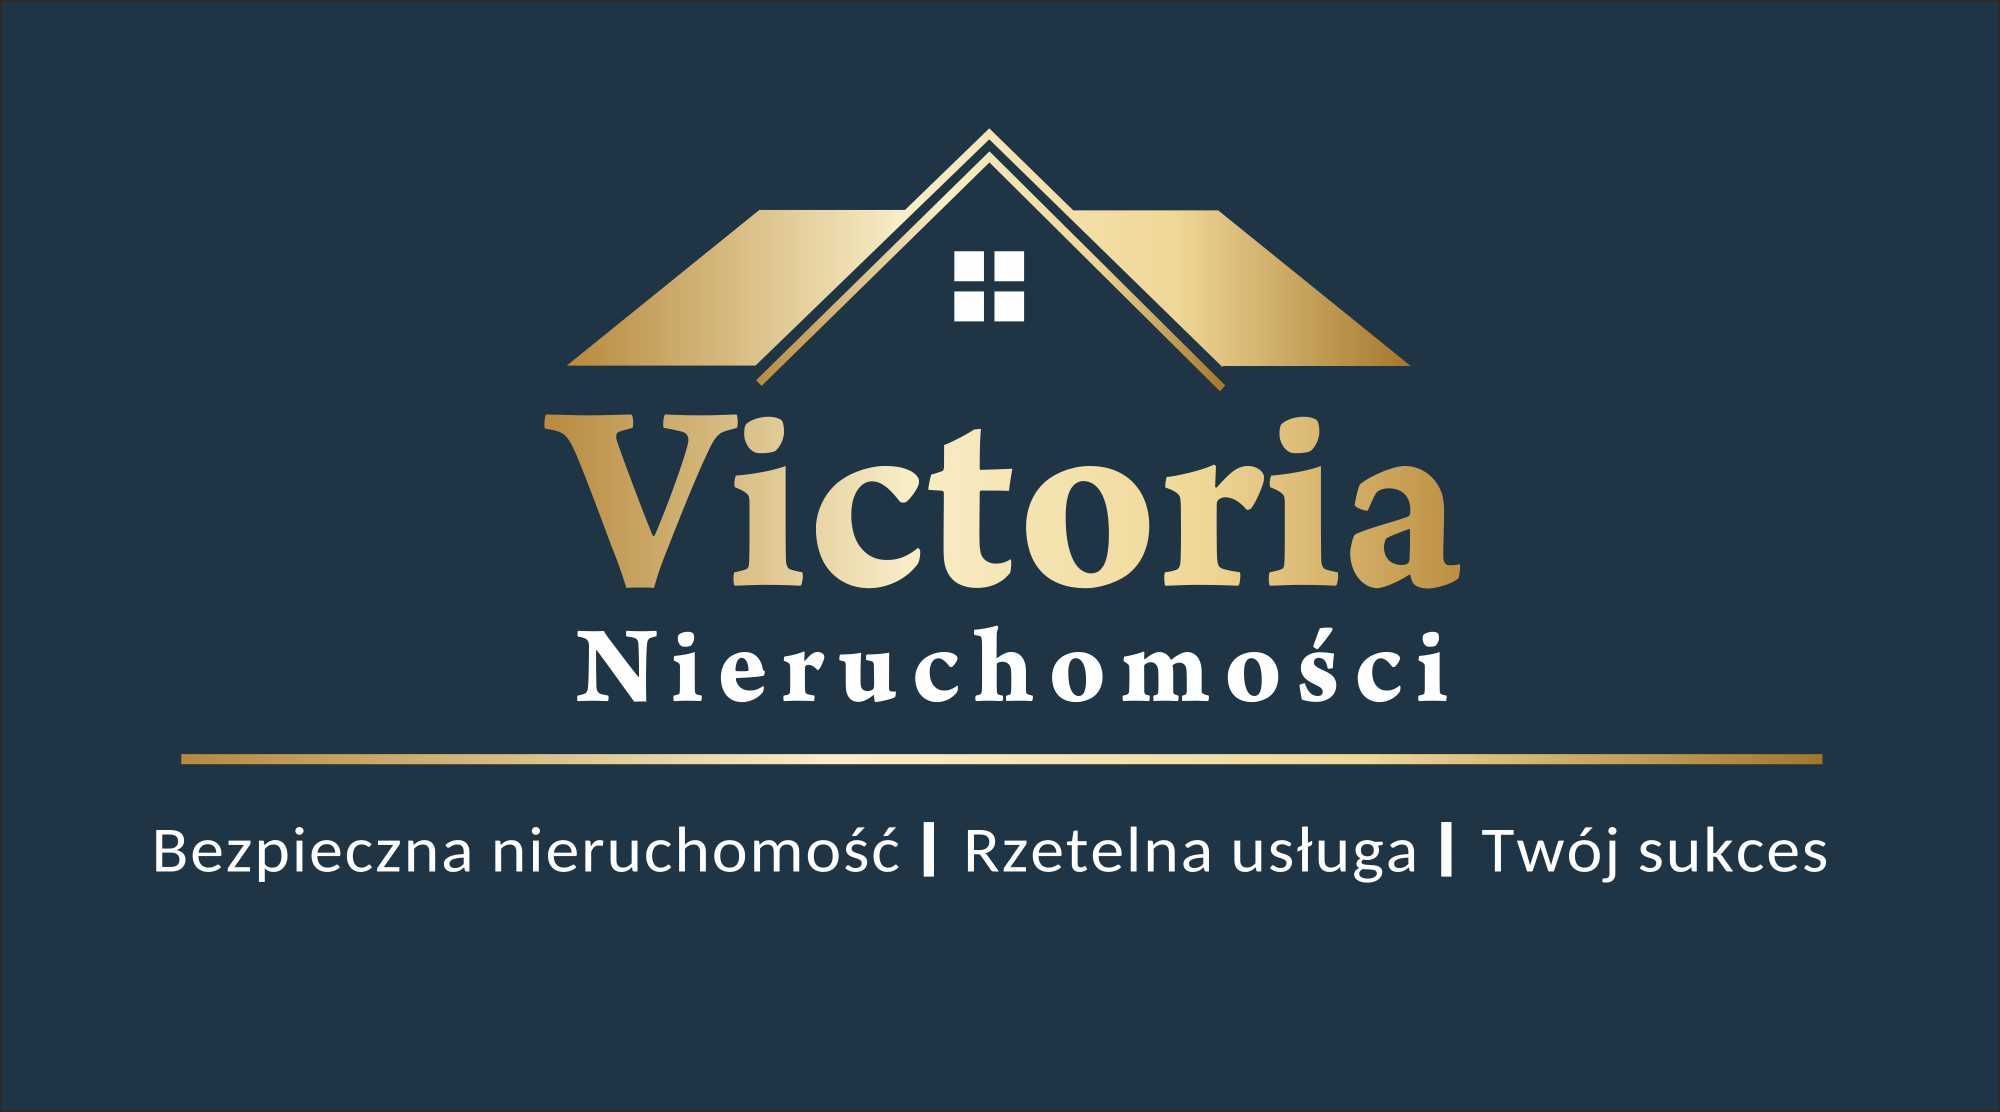 Victoria Nieruchomości